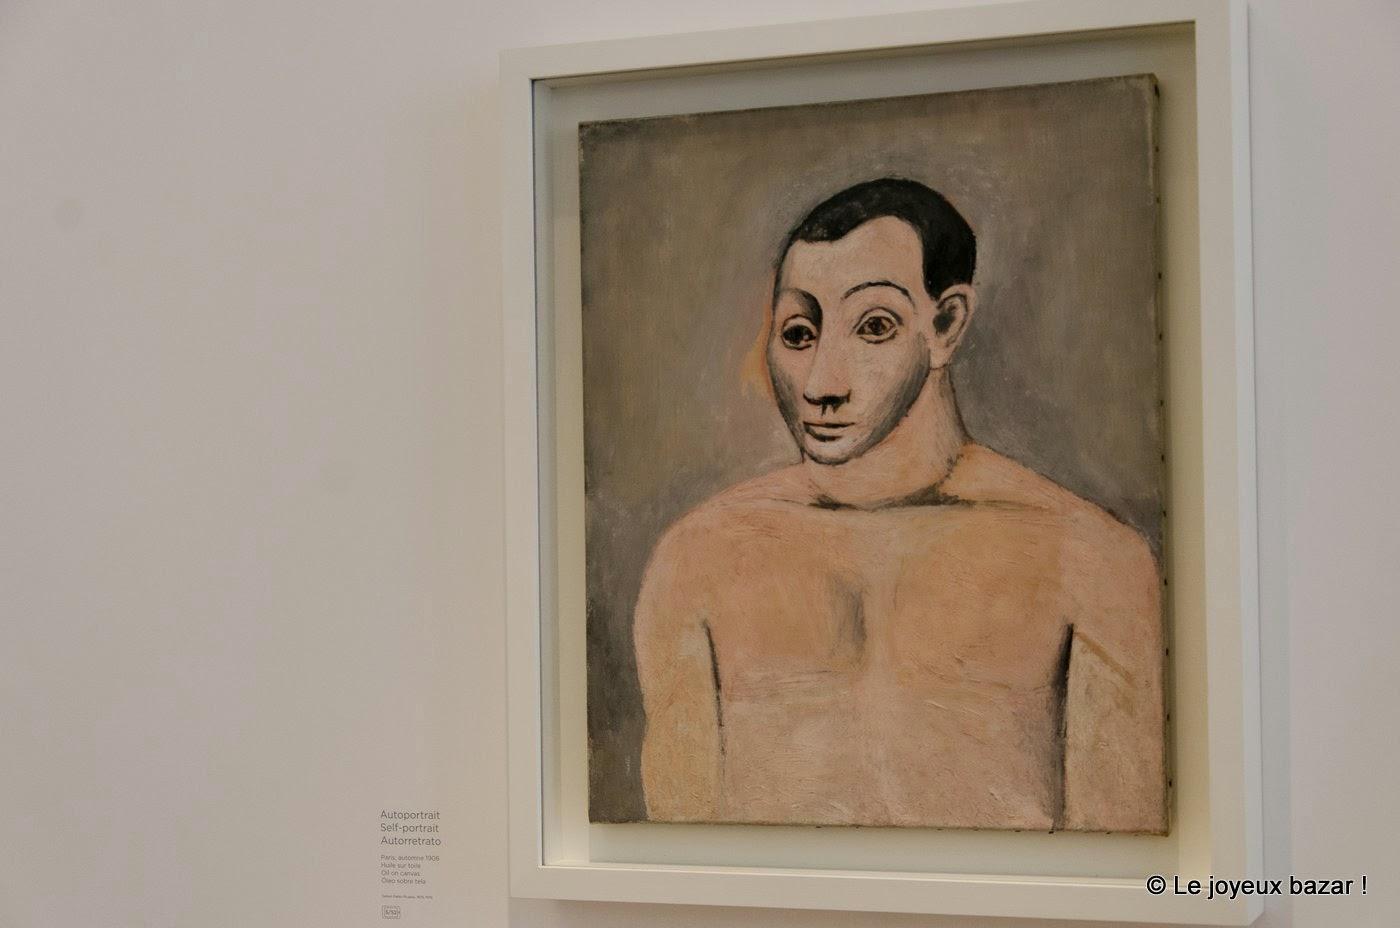 Musee Picasso - Paris - autoportrait